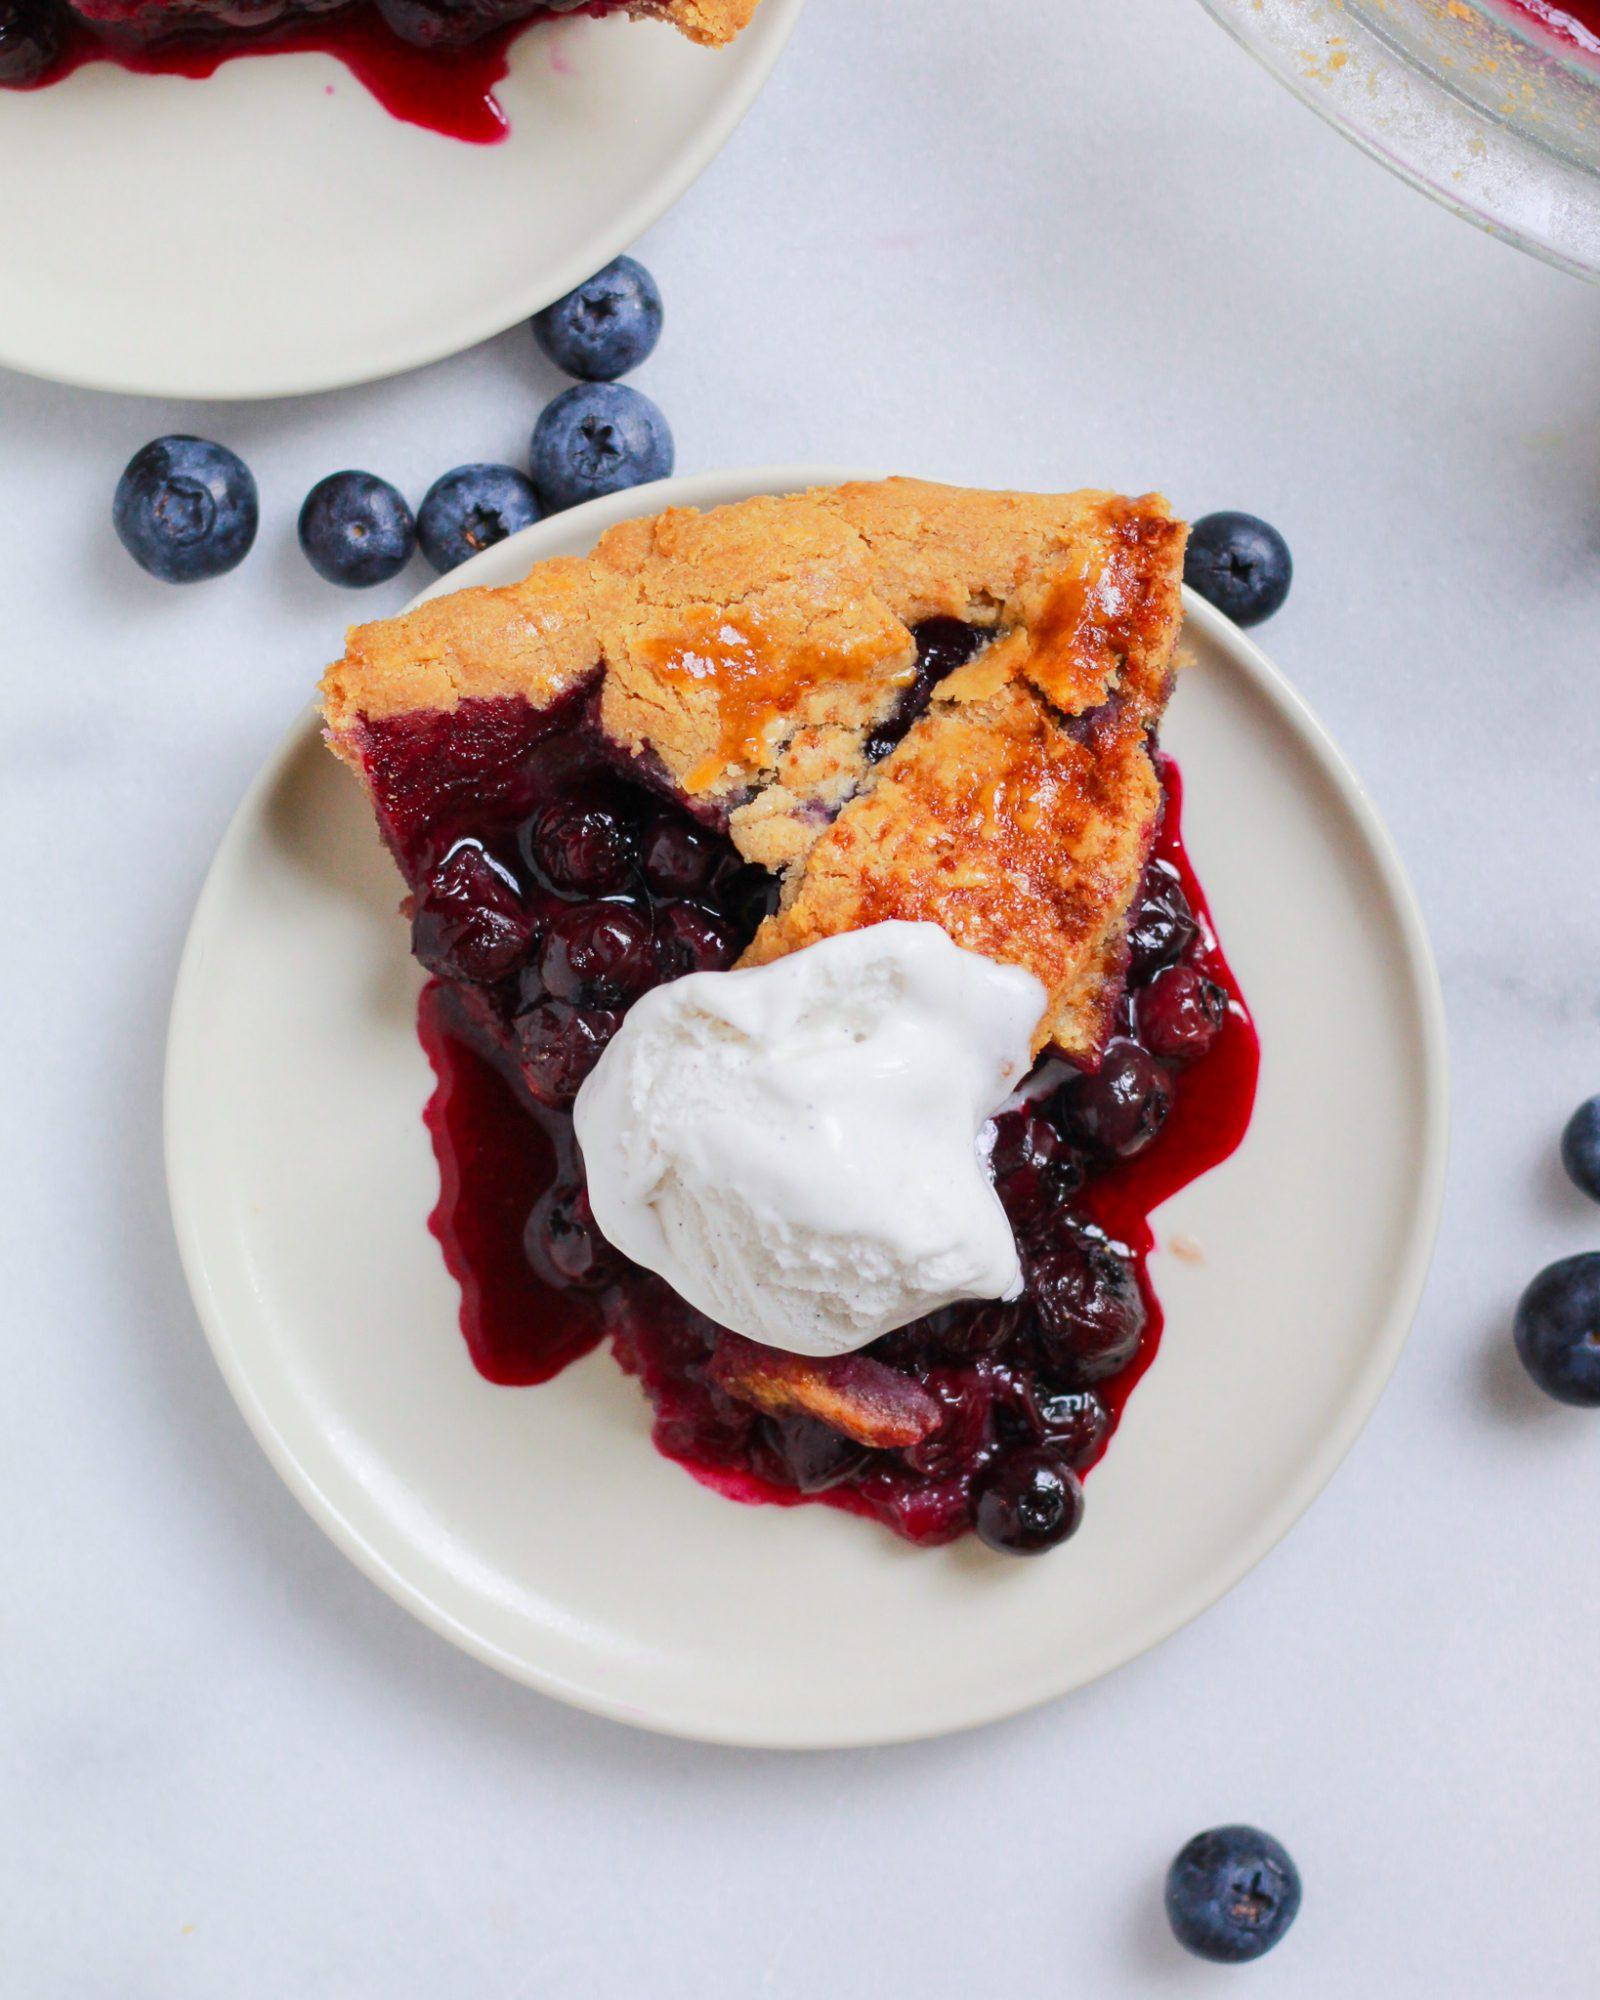 blueberry pie slice with ice cream